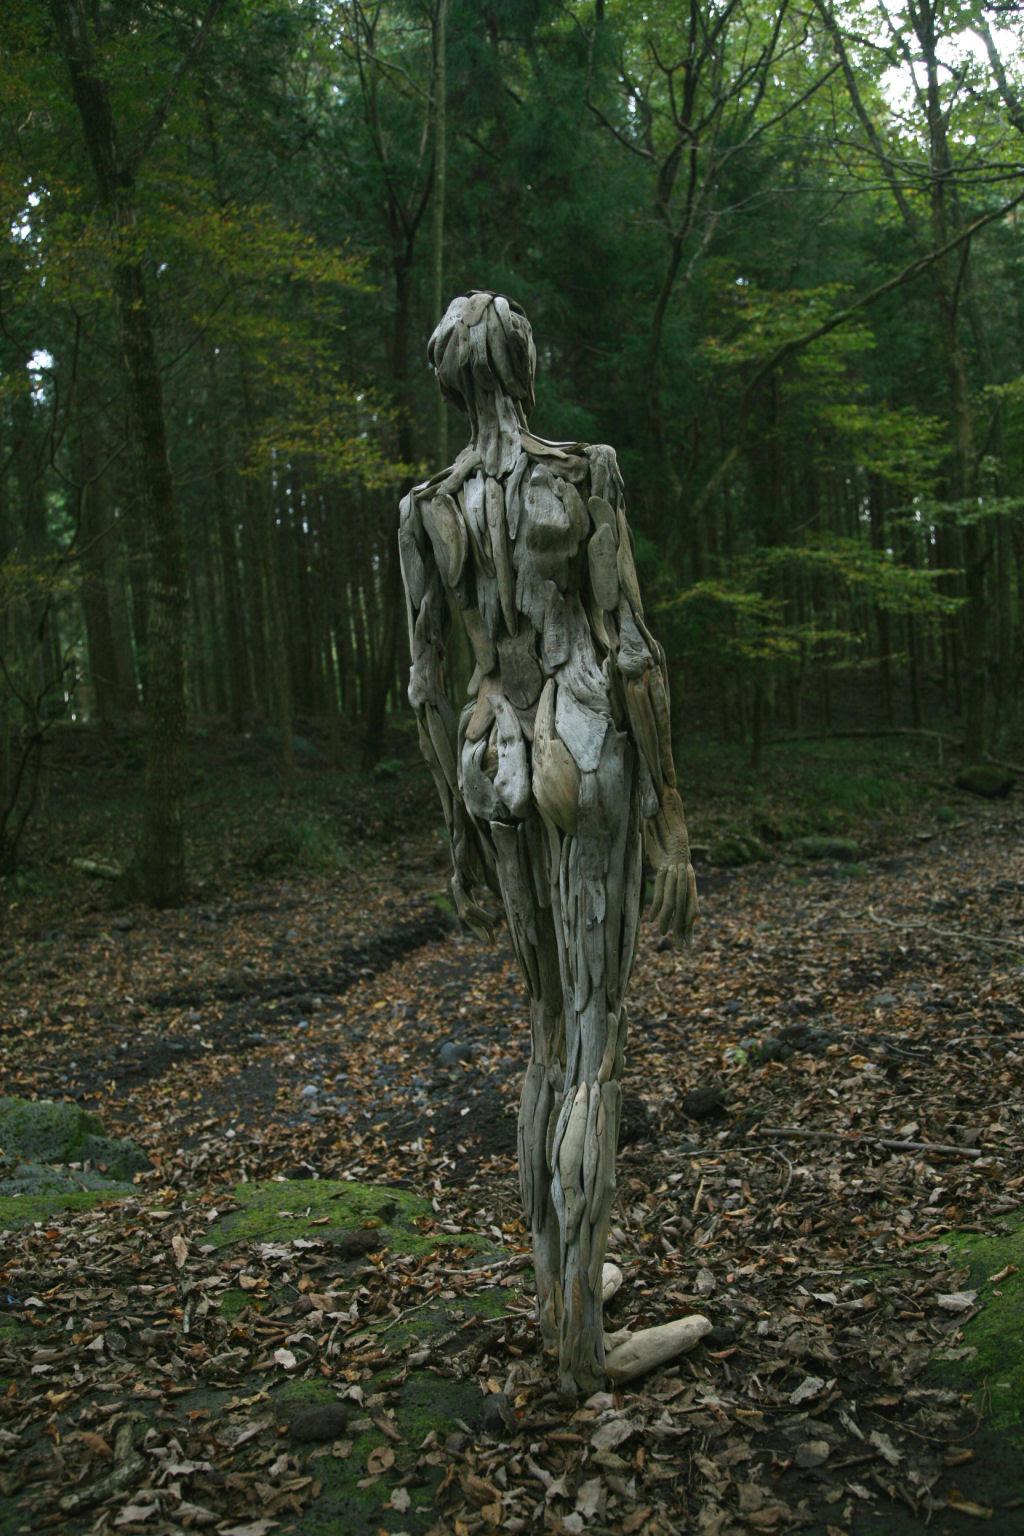 As inquietantes esculturas feitas com detrito de madeira no meio de bosque pelo japonês Nagato Iwasaki 14